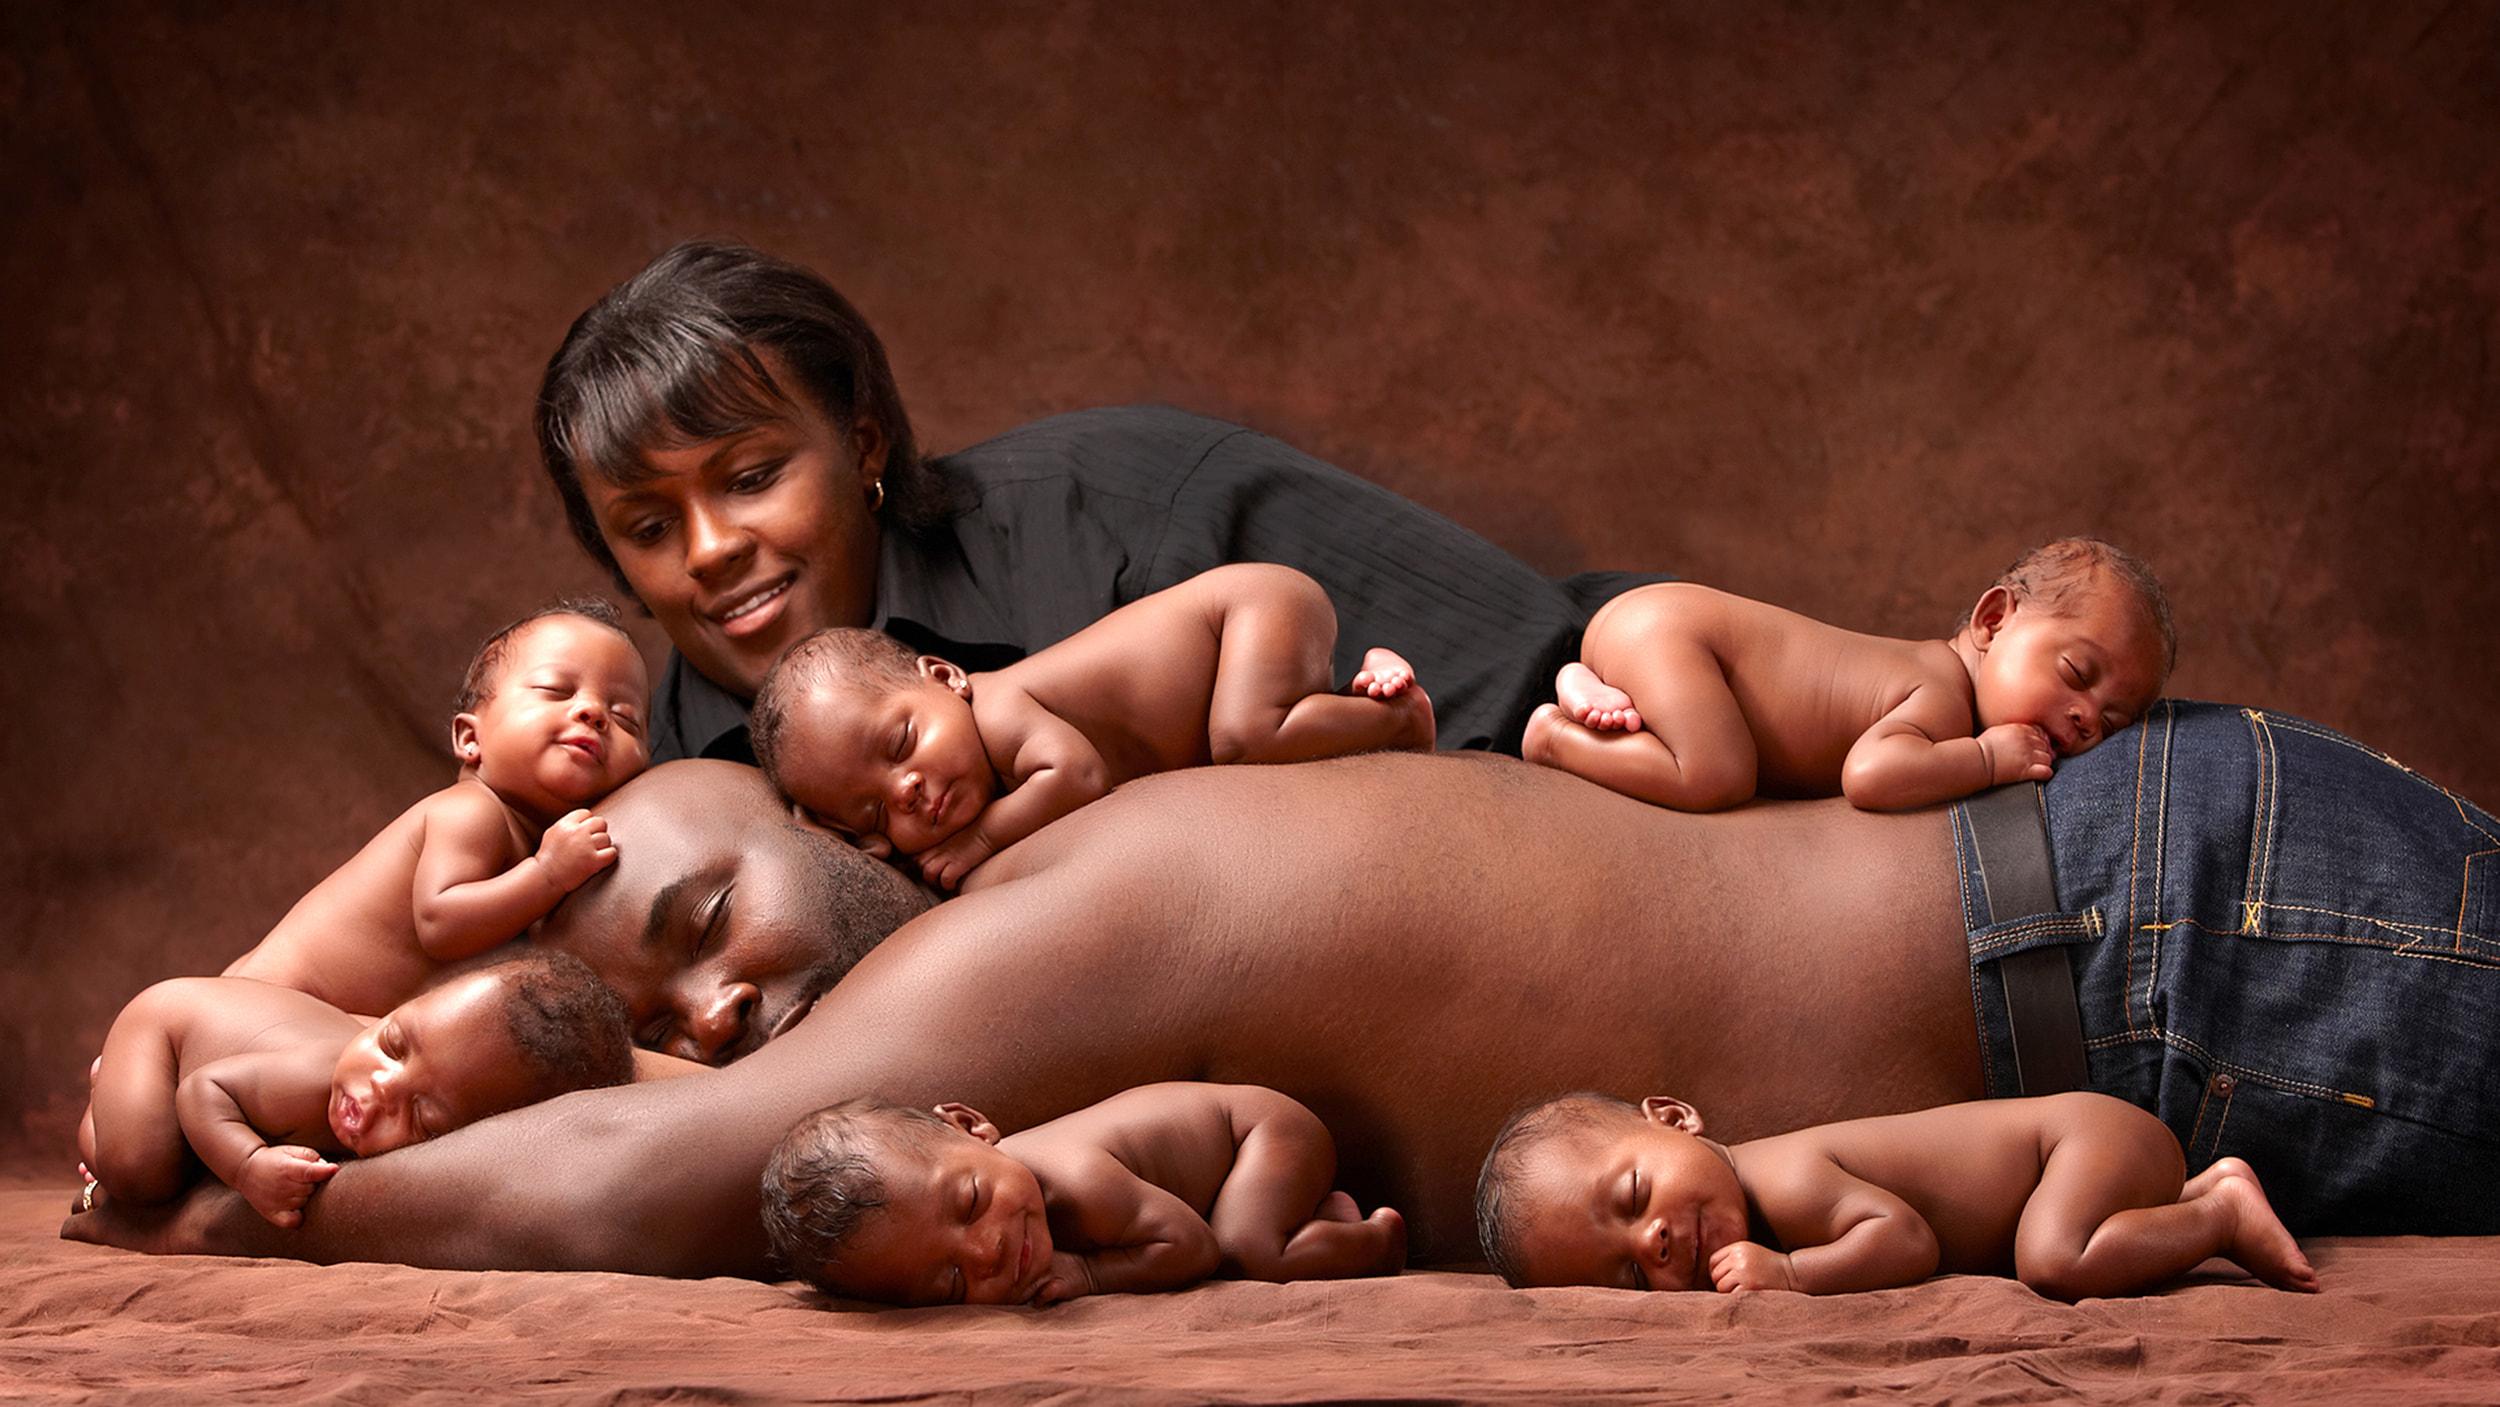 фото красивых голых жён с сыновьями